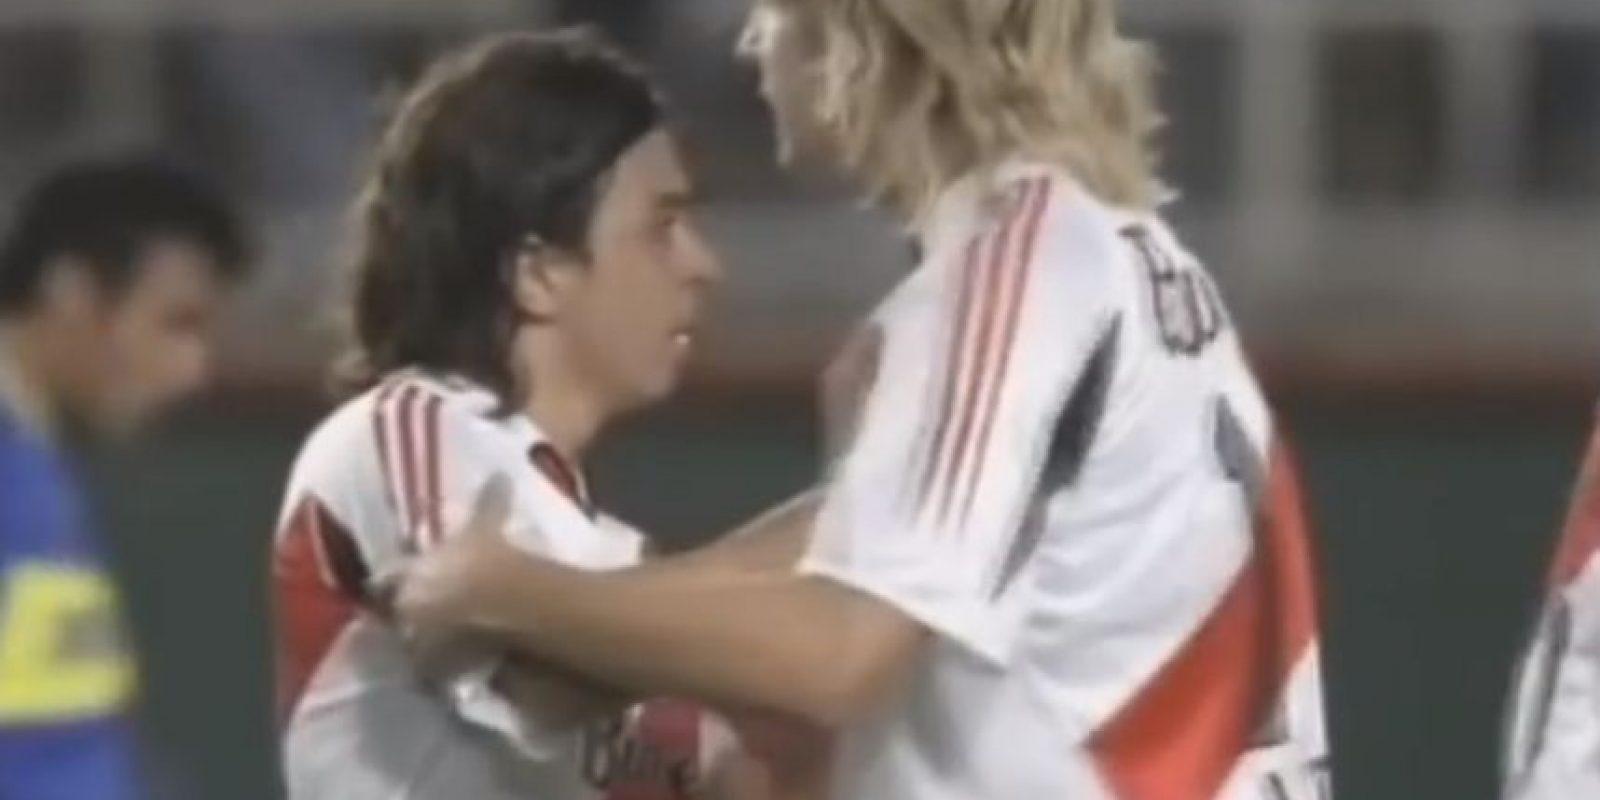 Boca vs. River en Libertadores. Si los clásicos de Argentina entre Boca Juniors y River Plate son llenos de pasión, lo son más cuando se disputan a nivel internacional y aún más en una semifinal de la Copa Libertadores. Foto:Youtube: Fox Sports